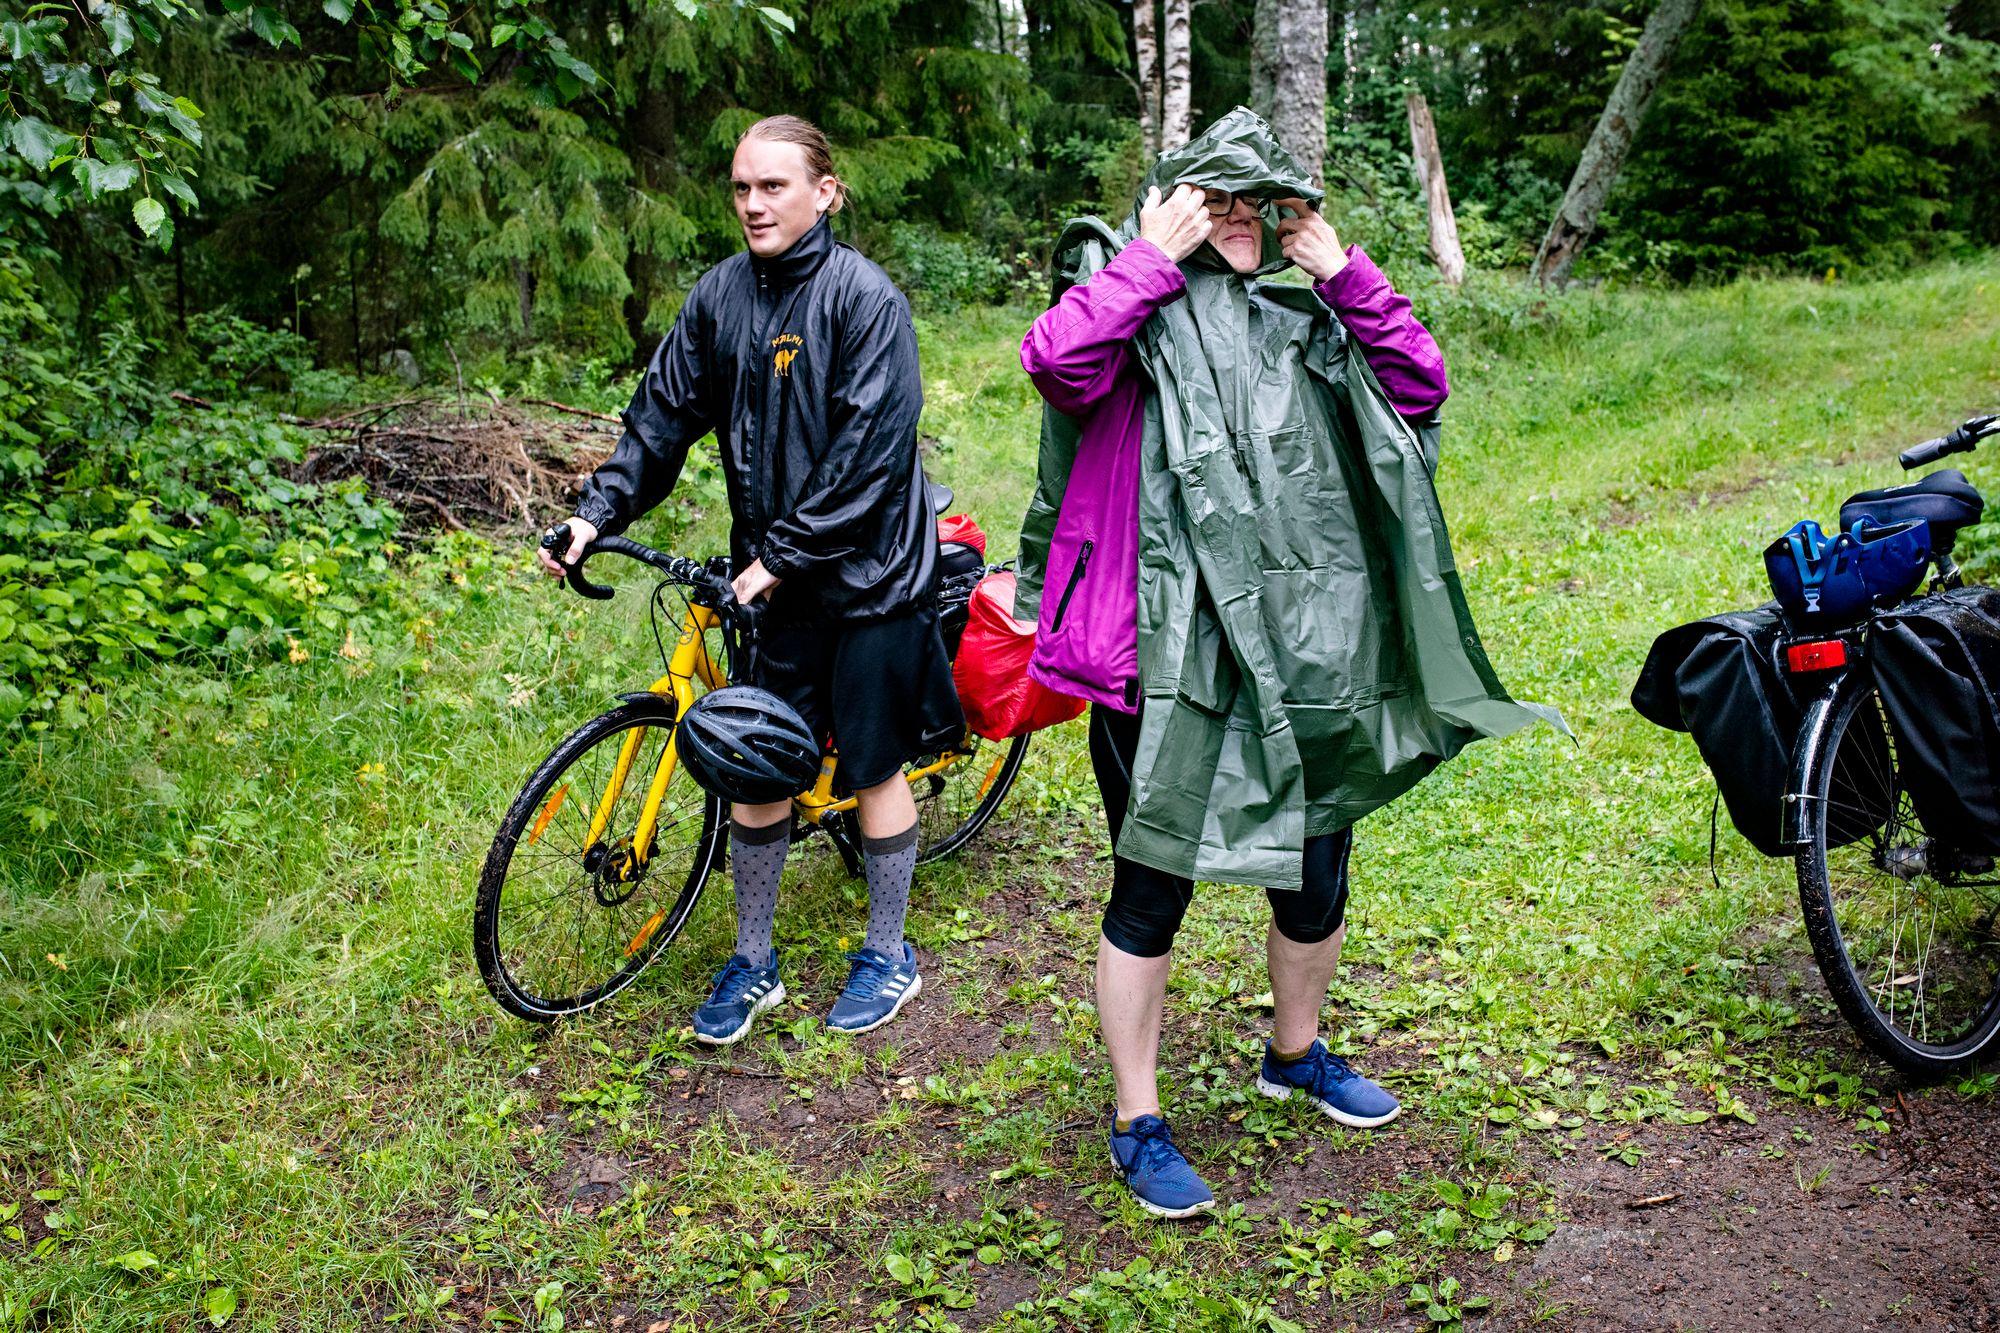 Kannuksessa pyöräillessä iski valtava rankkasade. © Päivi Karjalainen